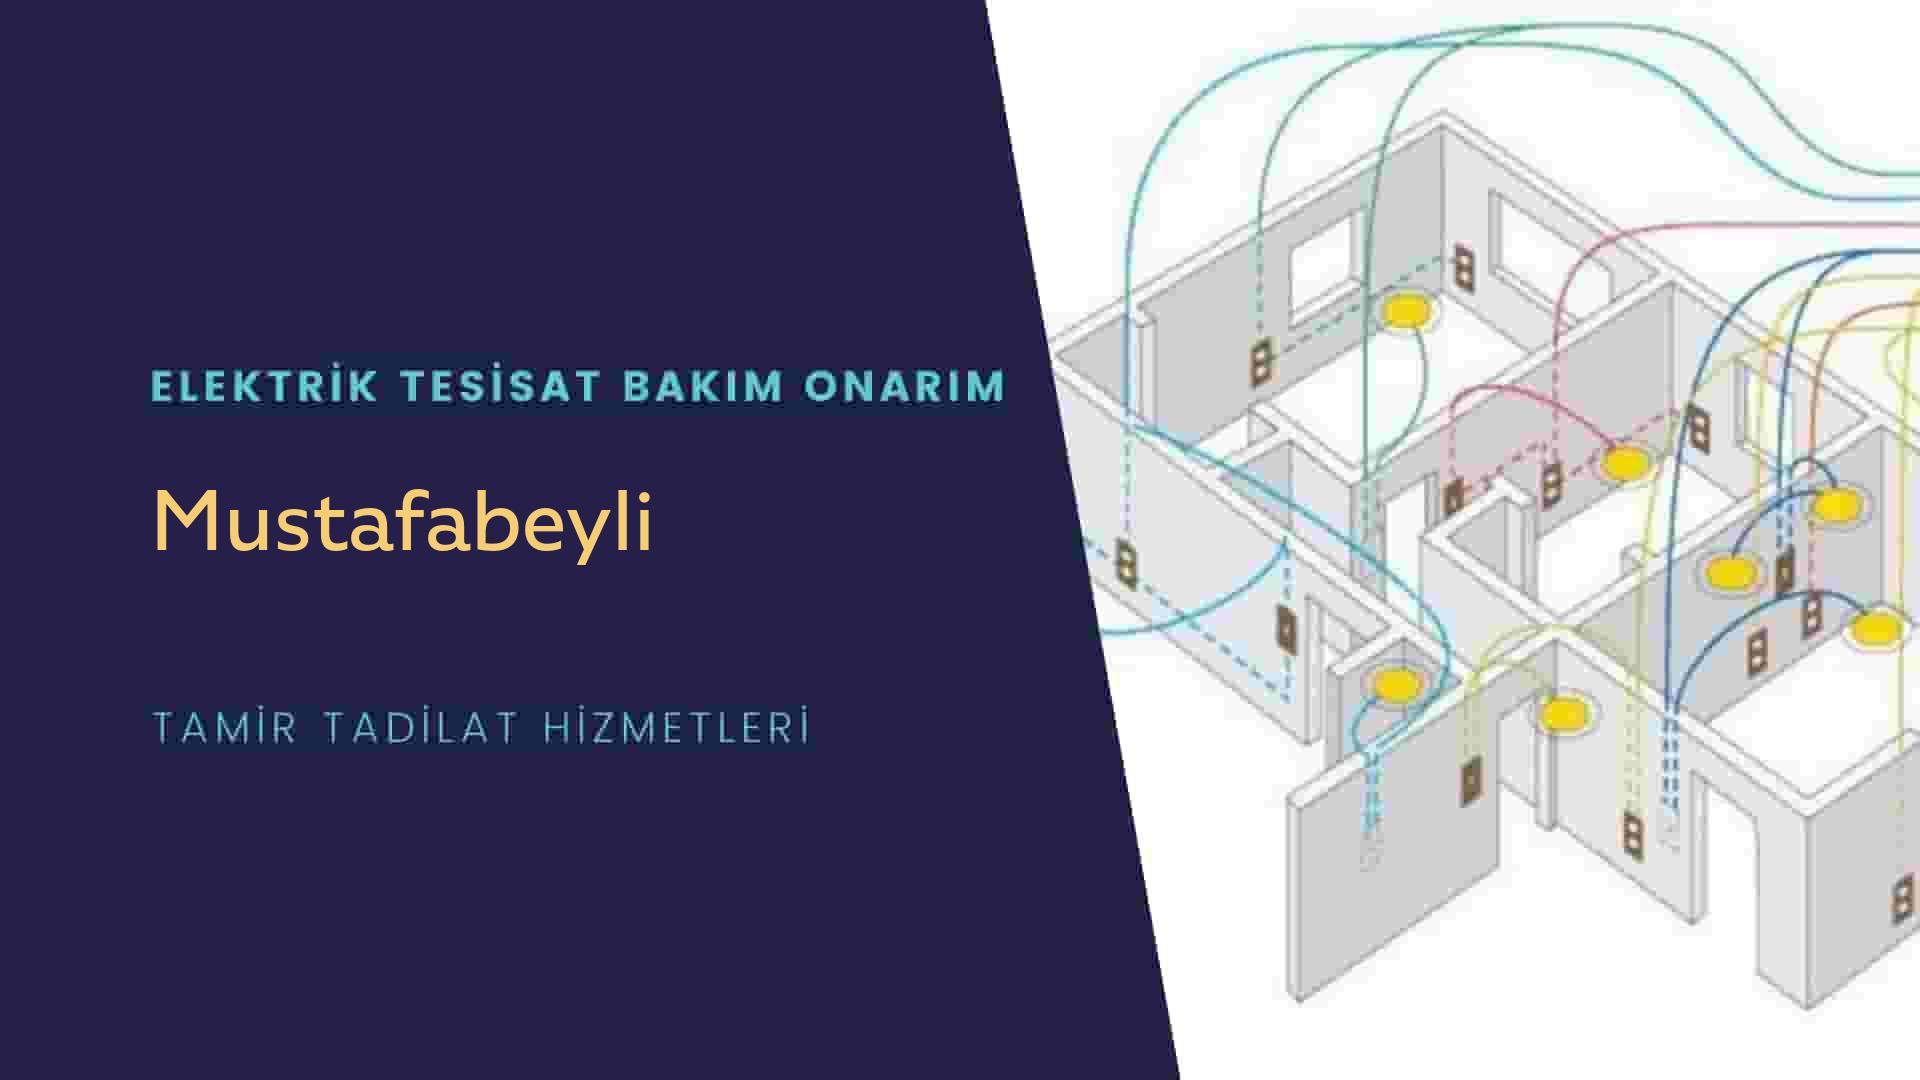 Mustafabeyli'de elektrik tesisatıustalarımı arıyorsunuz doğru adrestenizi Mustafabeyli elektrik tesisatı ustalarımız 7/24 sizlere hizmet vermekten mutluluk duyar.